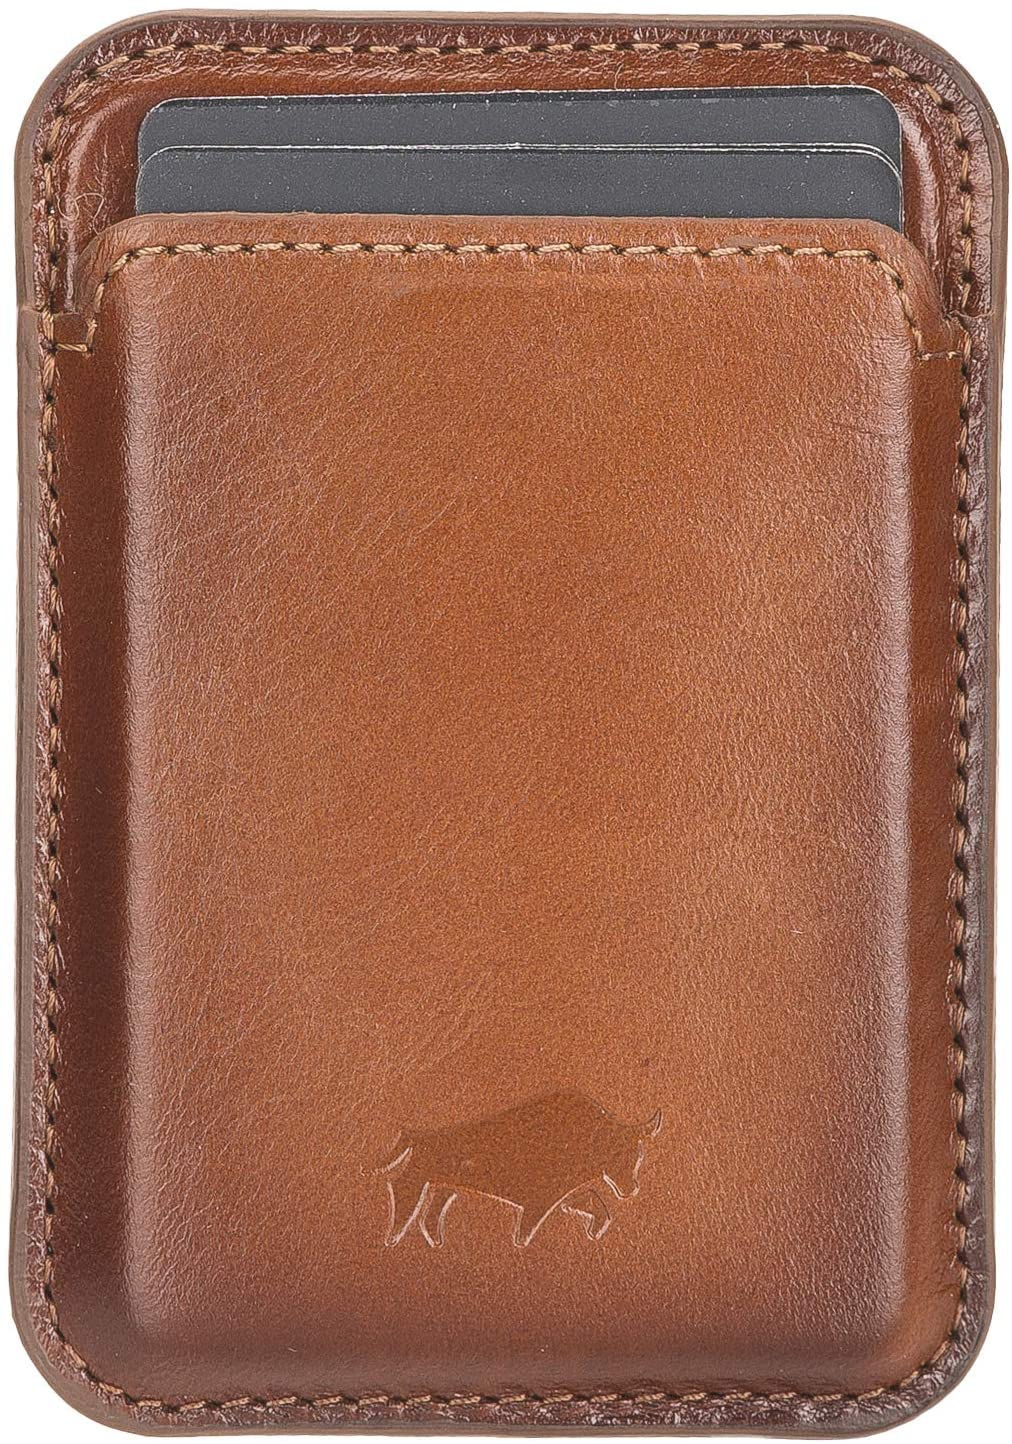 Magnetische Geldbörse (Magsafe) Für verschiedene Lederhüllen von Solo Pelle kompatibel kompatibe  (Cognac Braun)